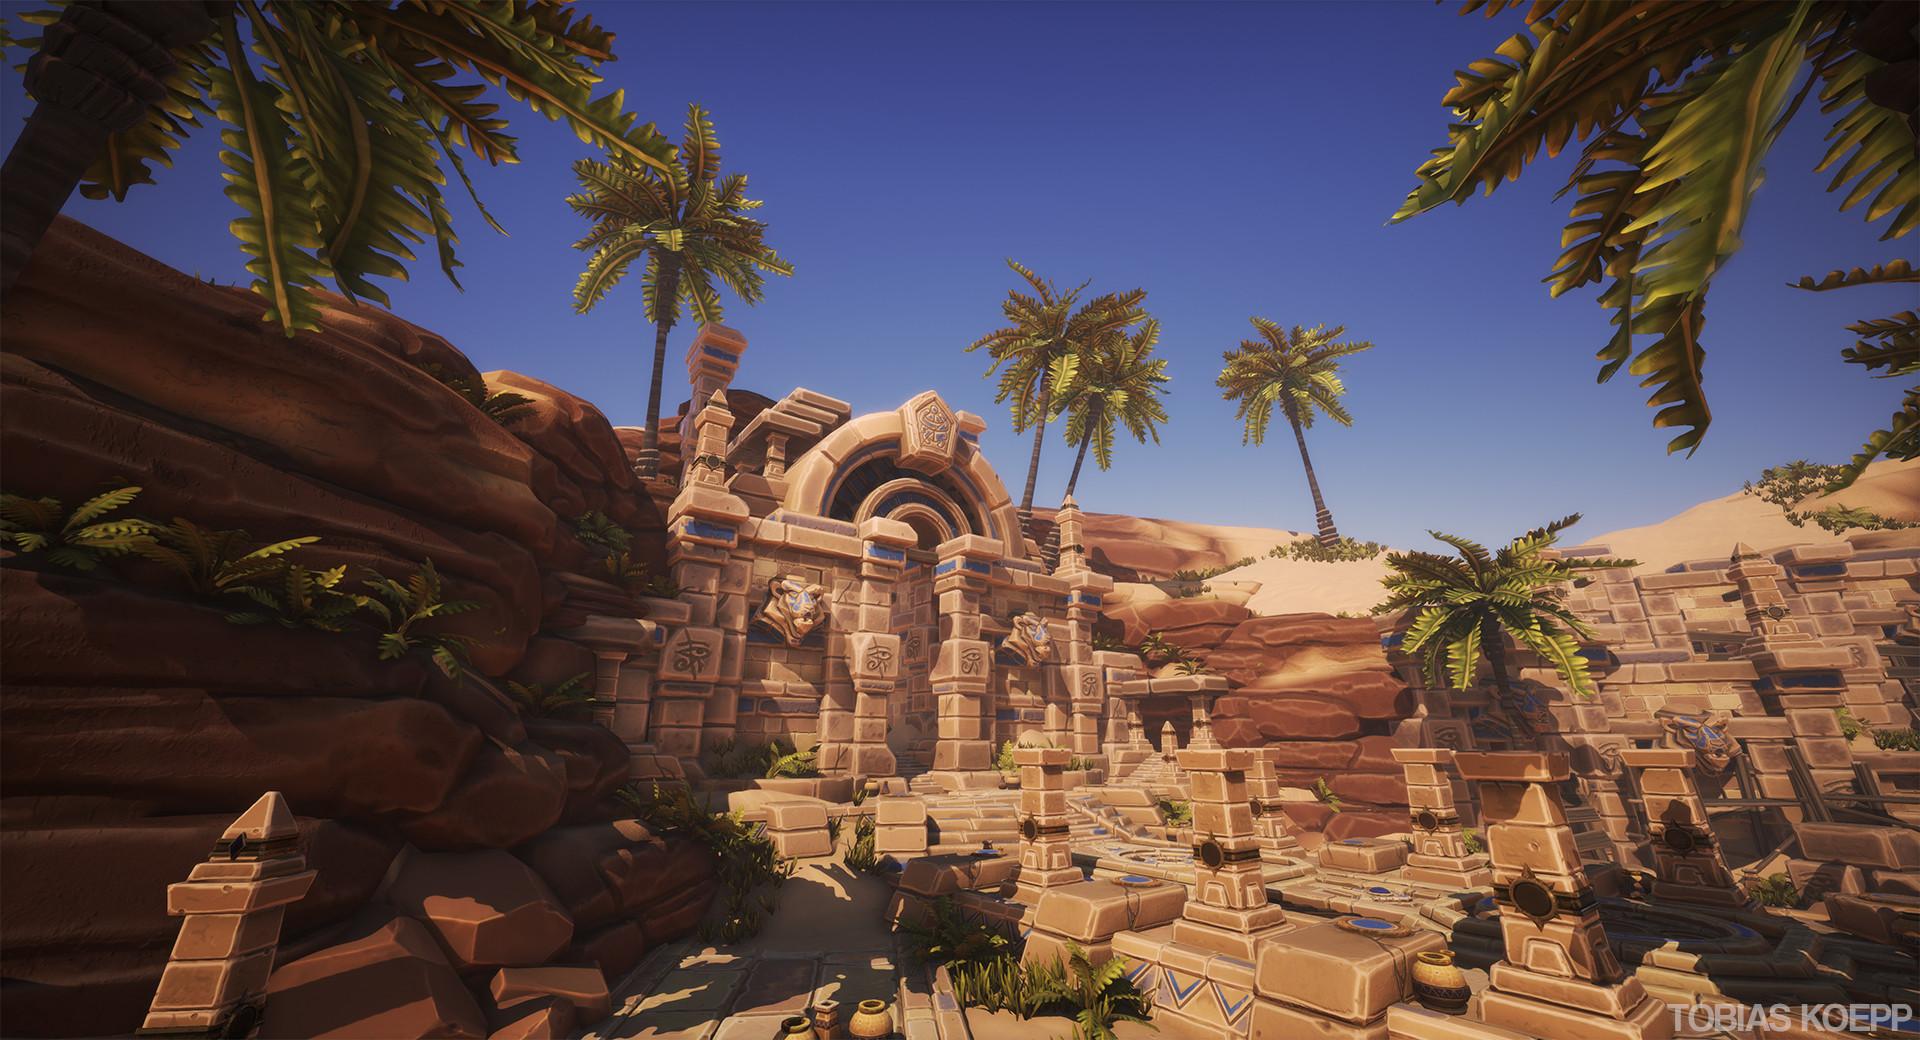 Tobias koepp oasis tobiaskoepp 04